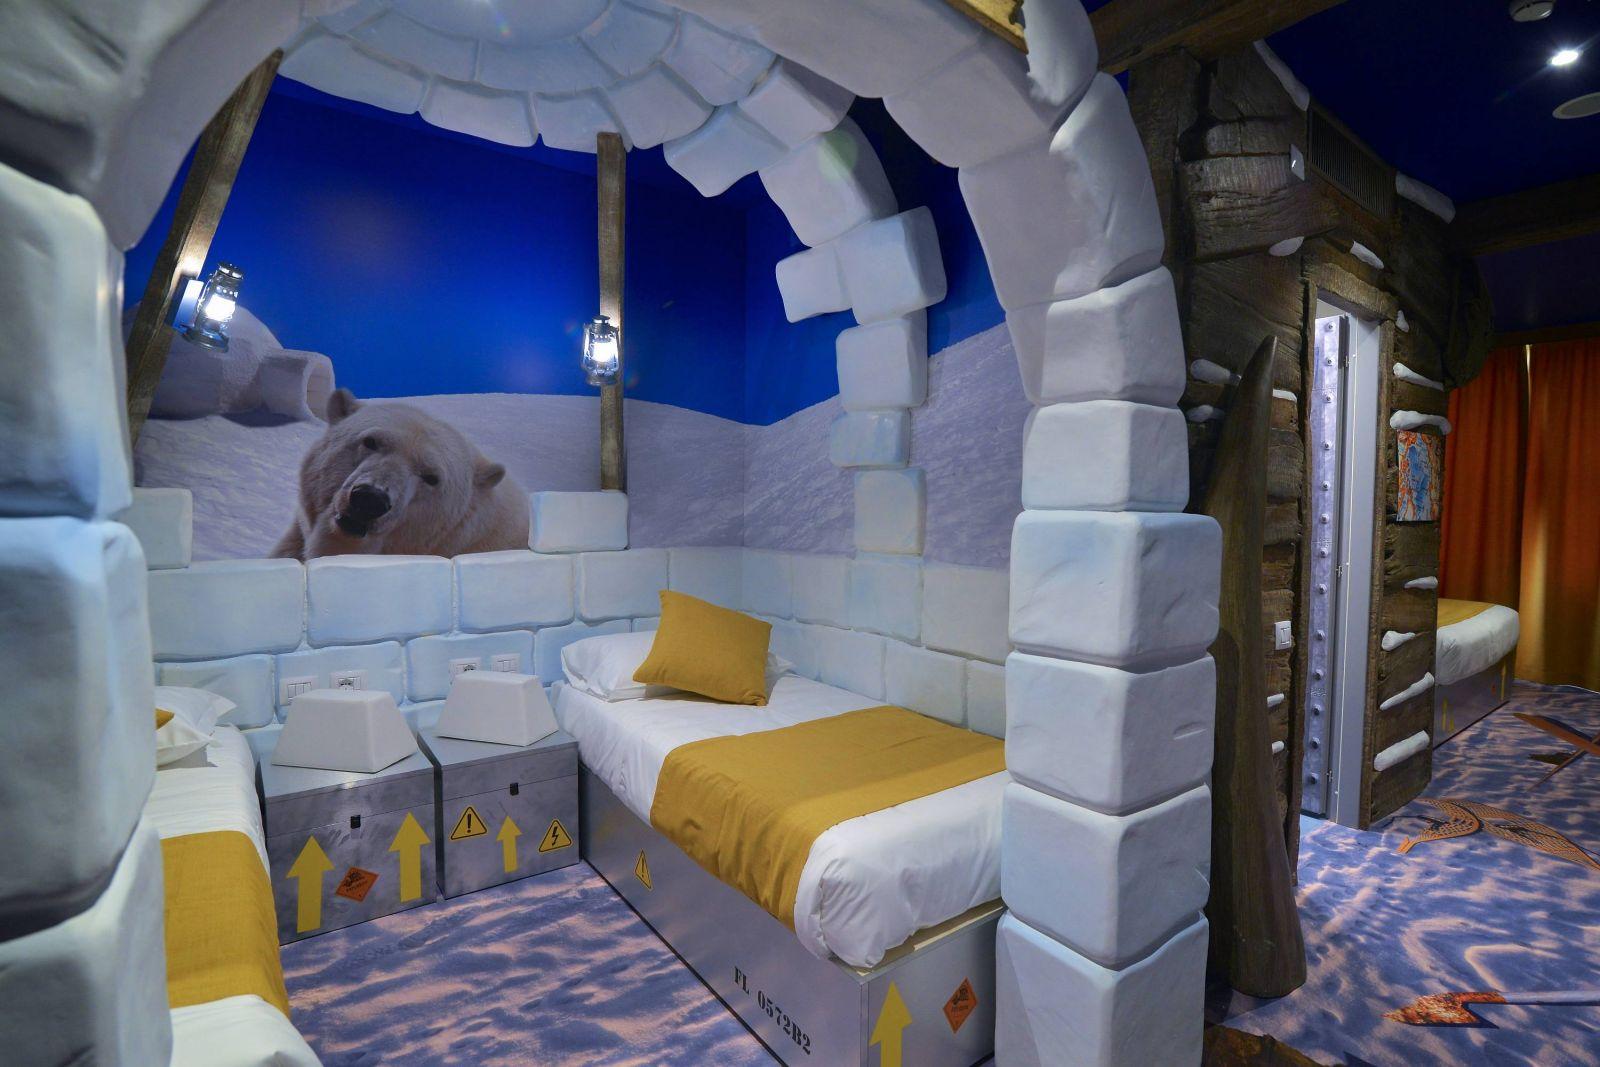 La Camera Da Letto Piu Grande Del Mondo : Hotel a tema per bambini in italia un soggiorno da fiaba